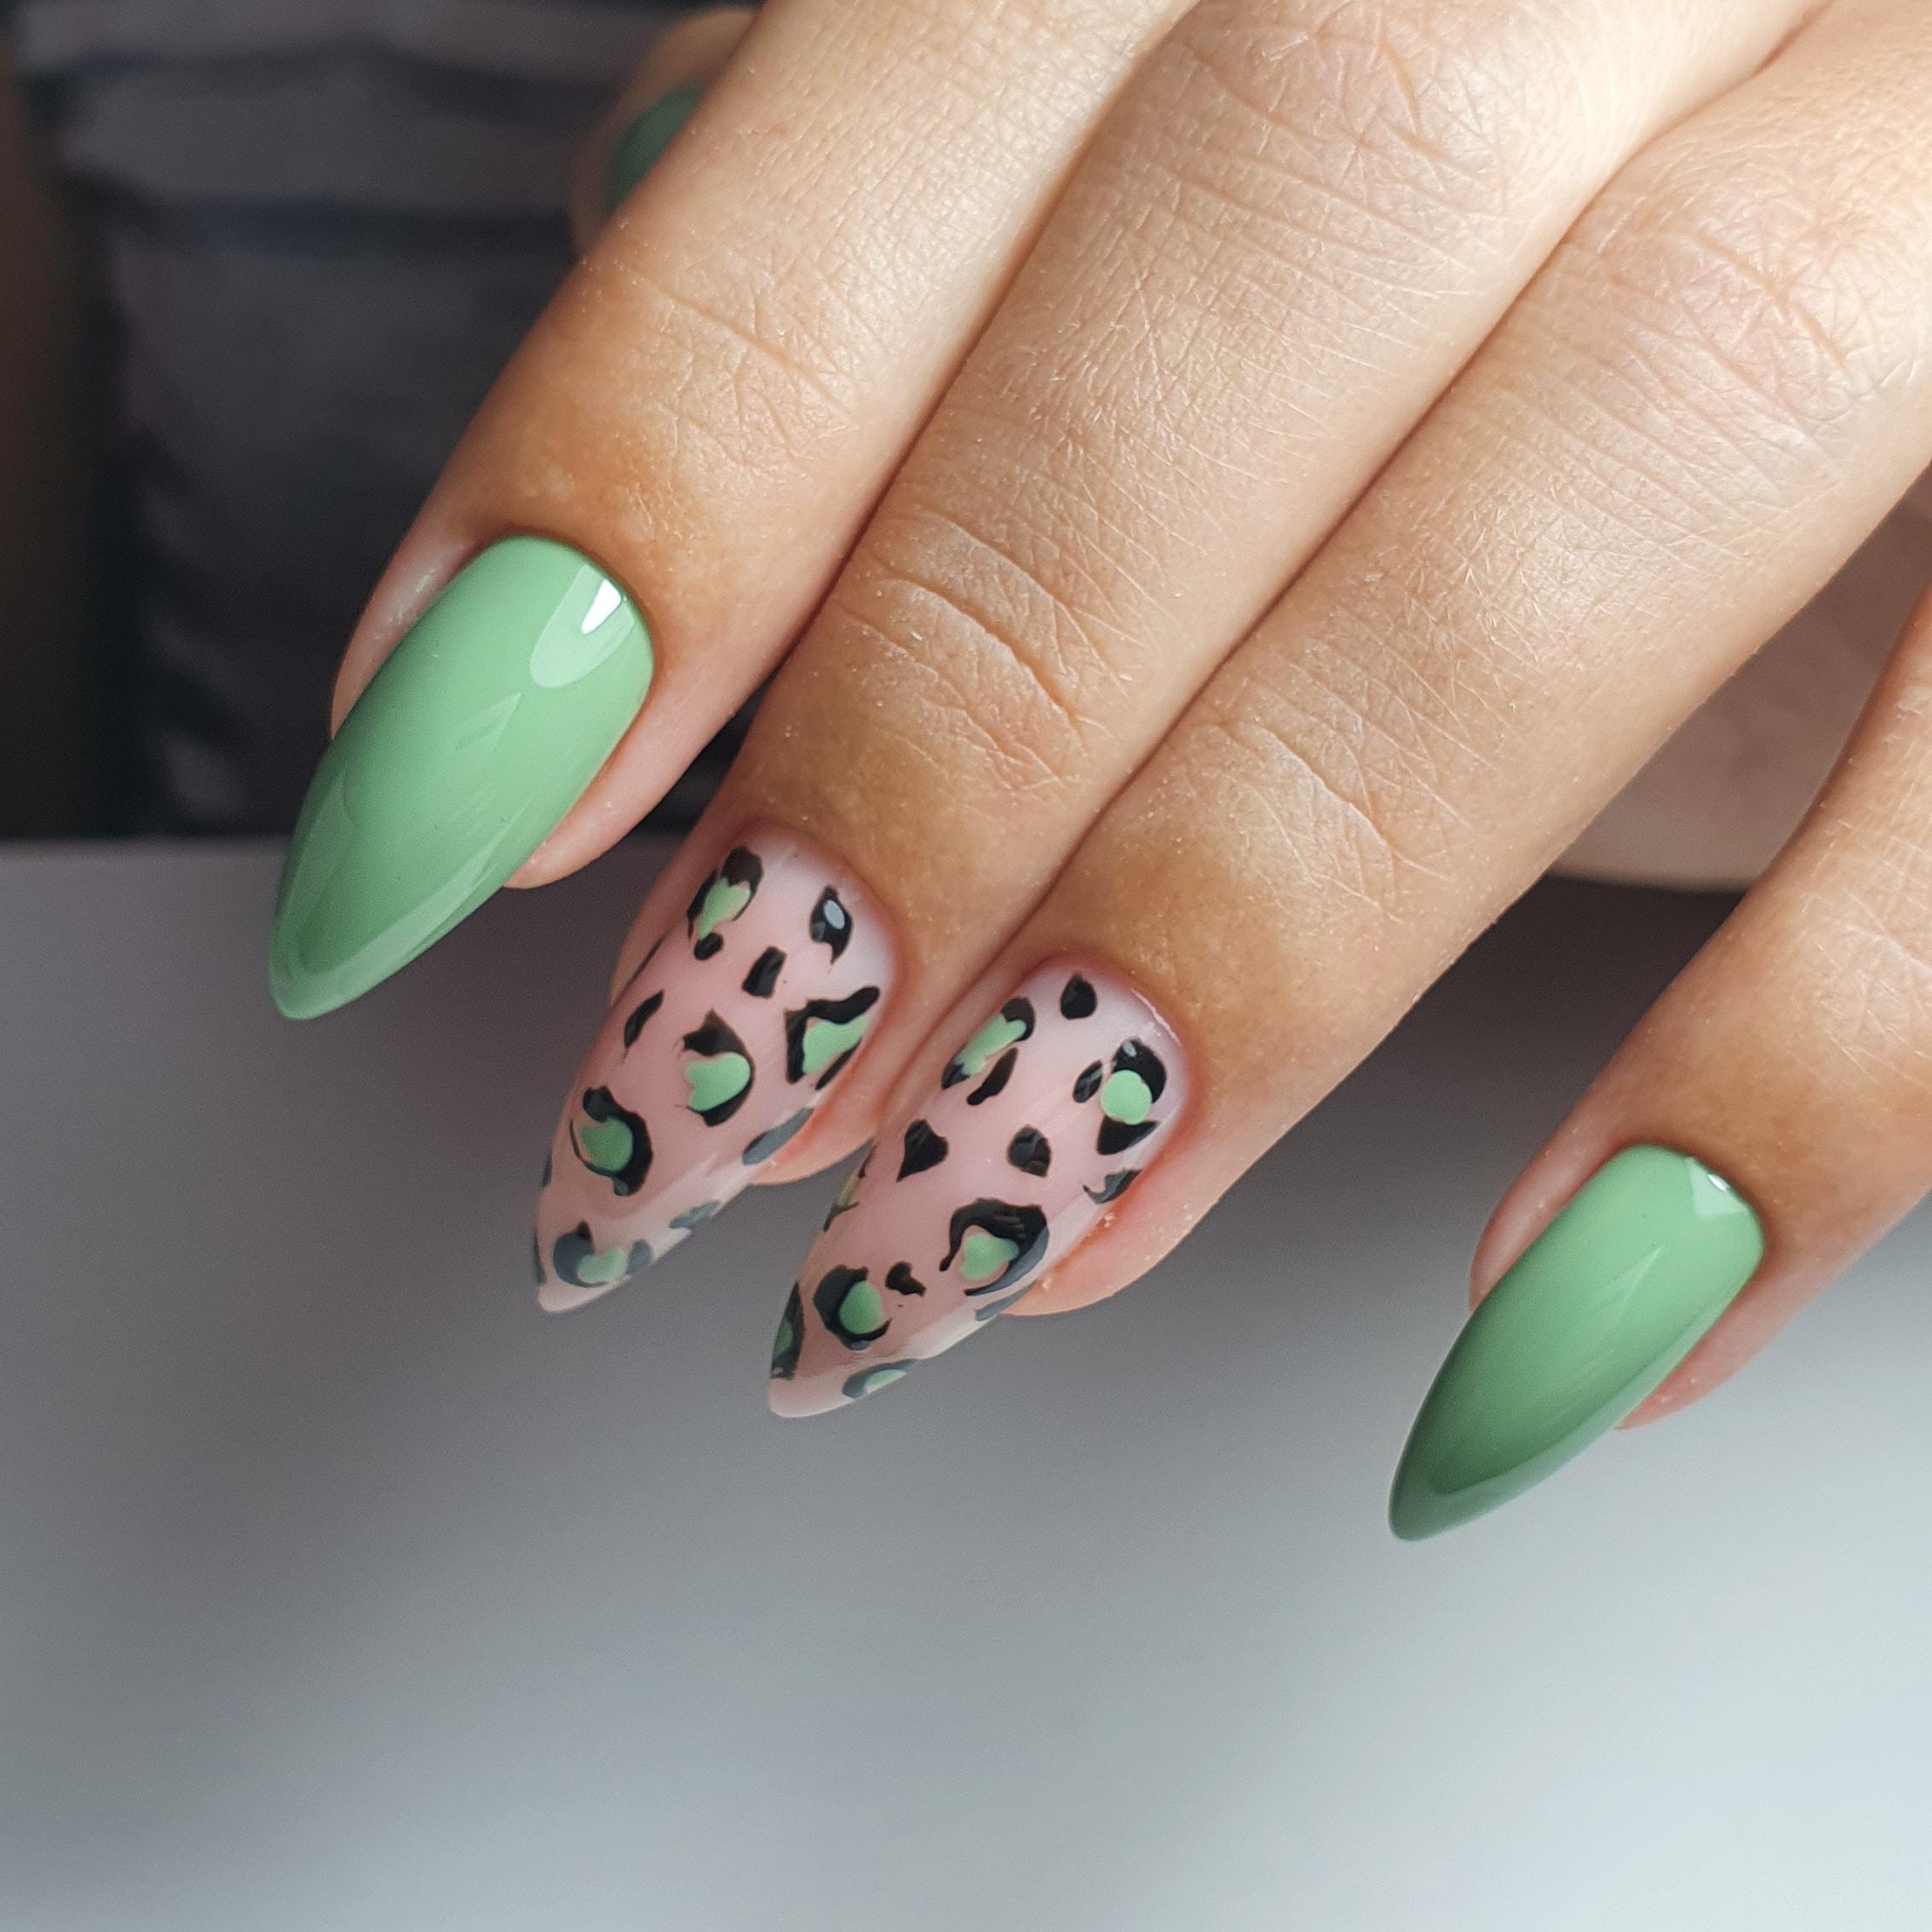 Маникюр с леопардовым принтом в фисташковом цвете на длинные ногти.